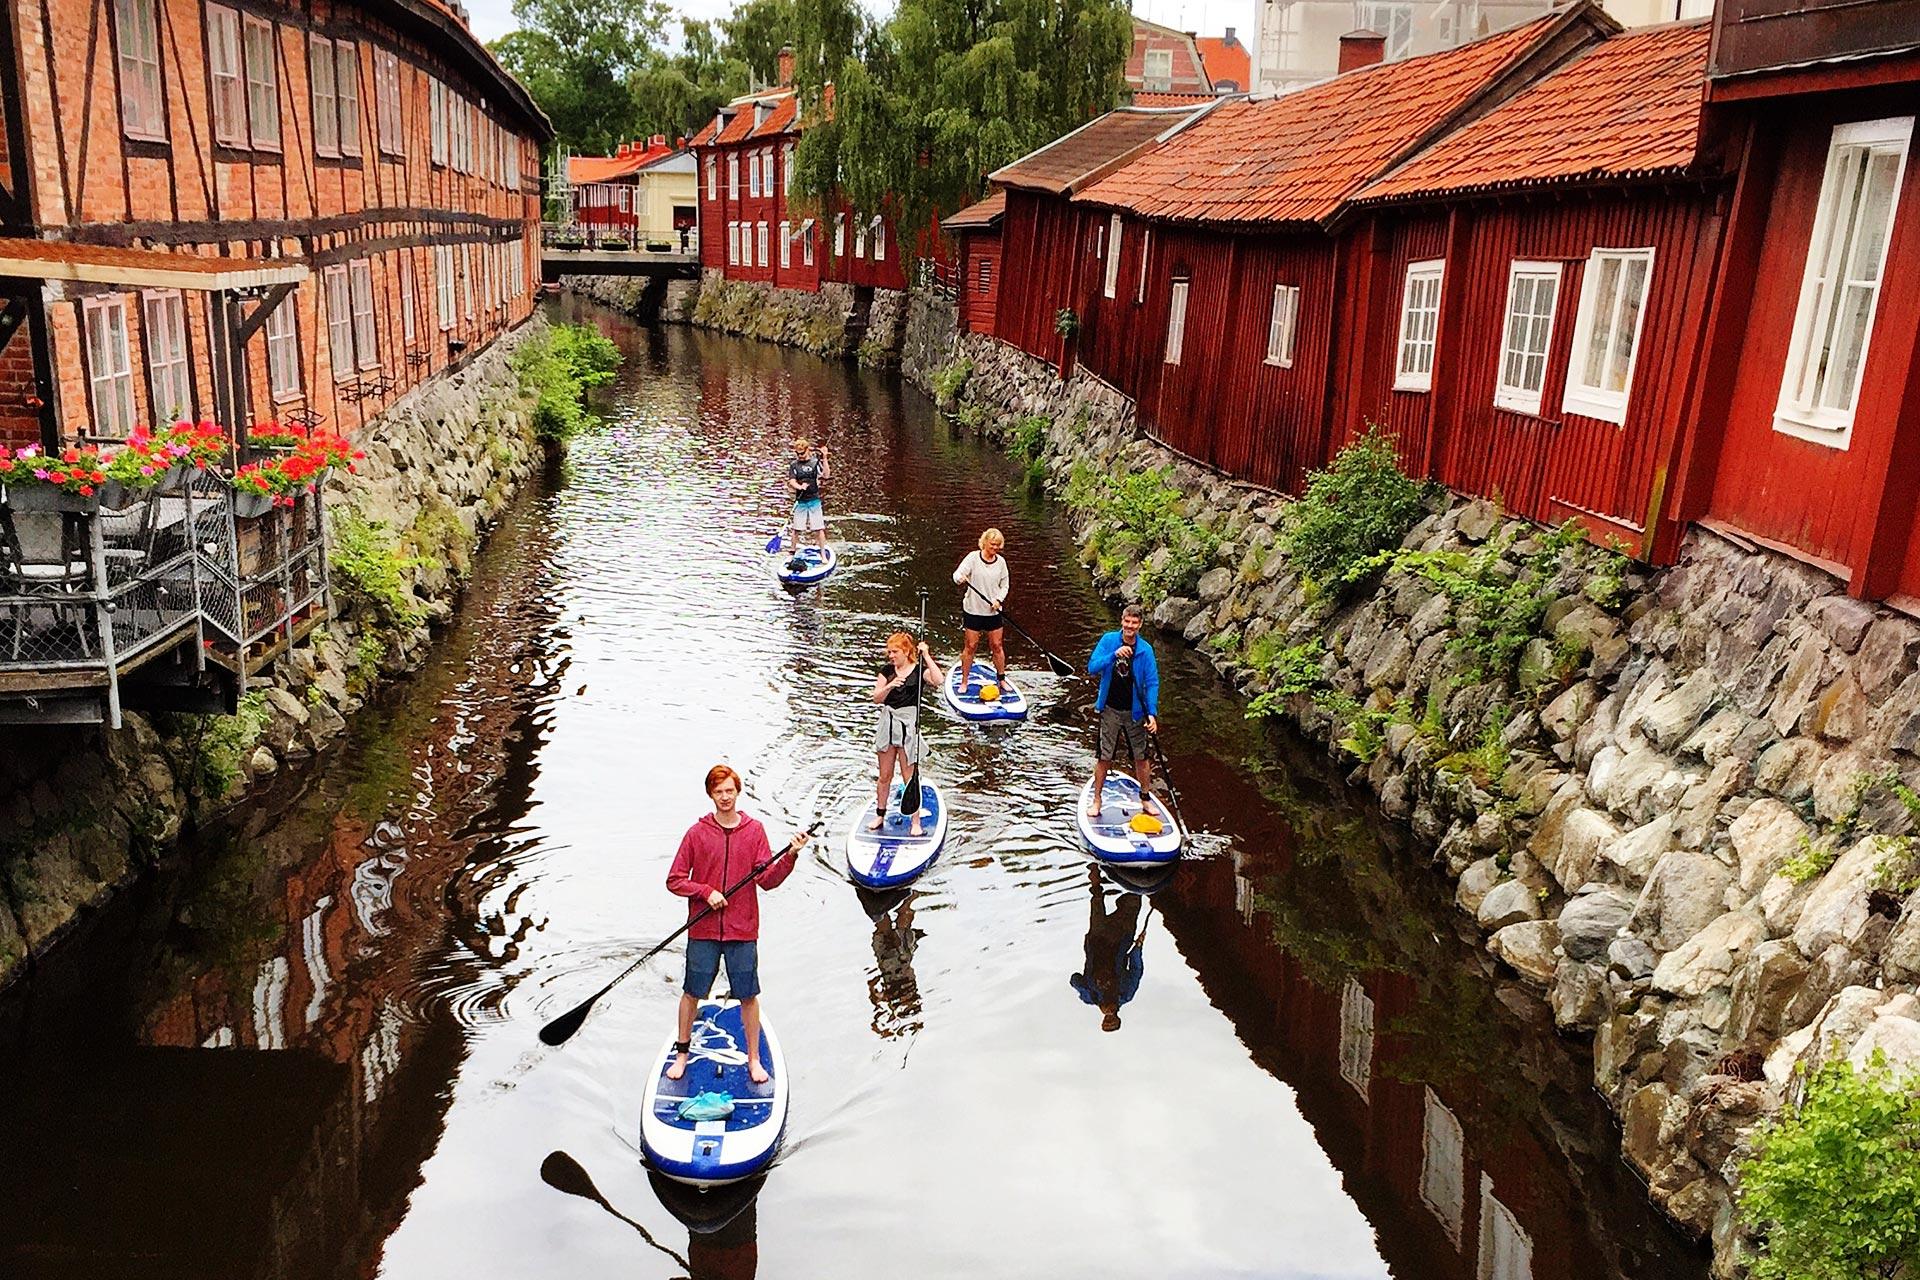 Stand Up Paddling med Aktivt uteliv, på Svartån i Västerås. Fotograf: Pressbild